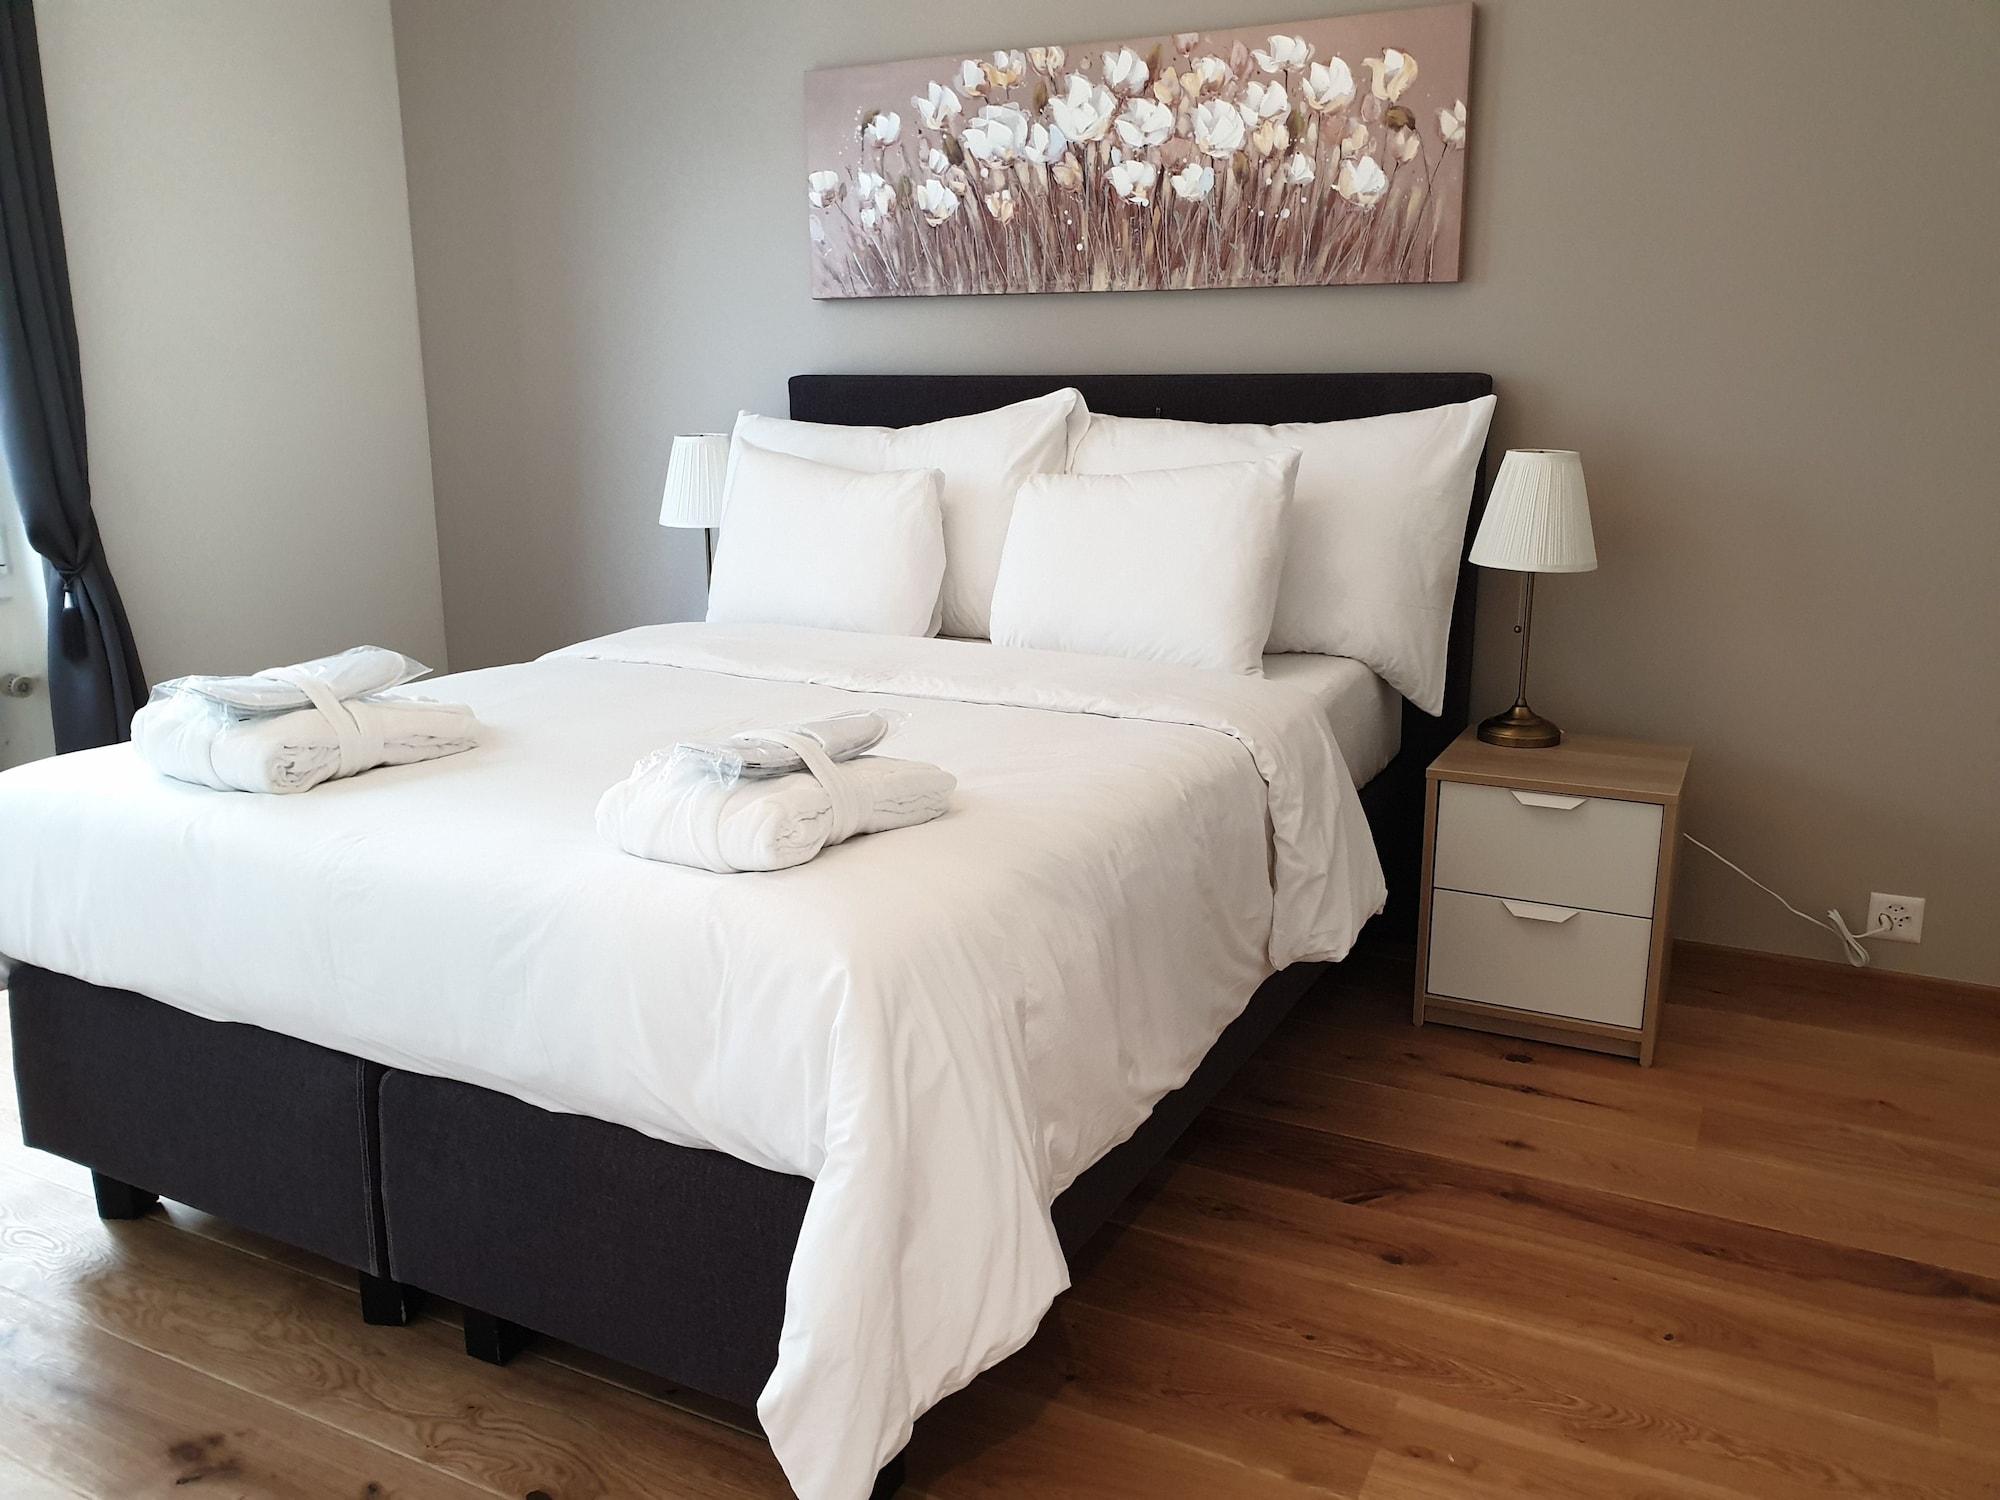 Montreux Elite 2 Bedroom Apartment, Pays-d'Enhaut